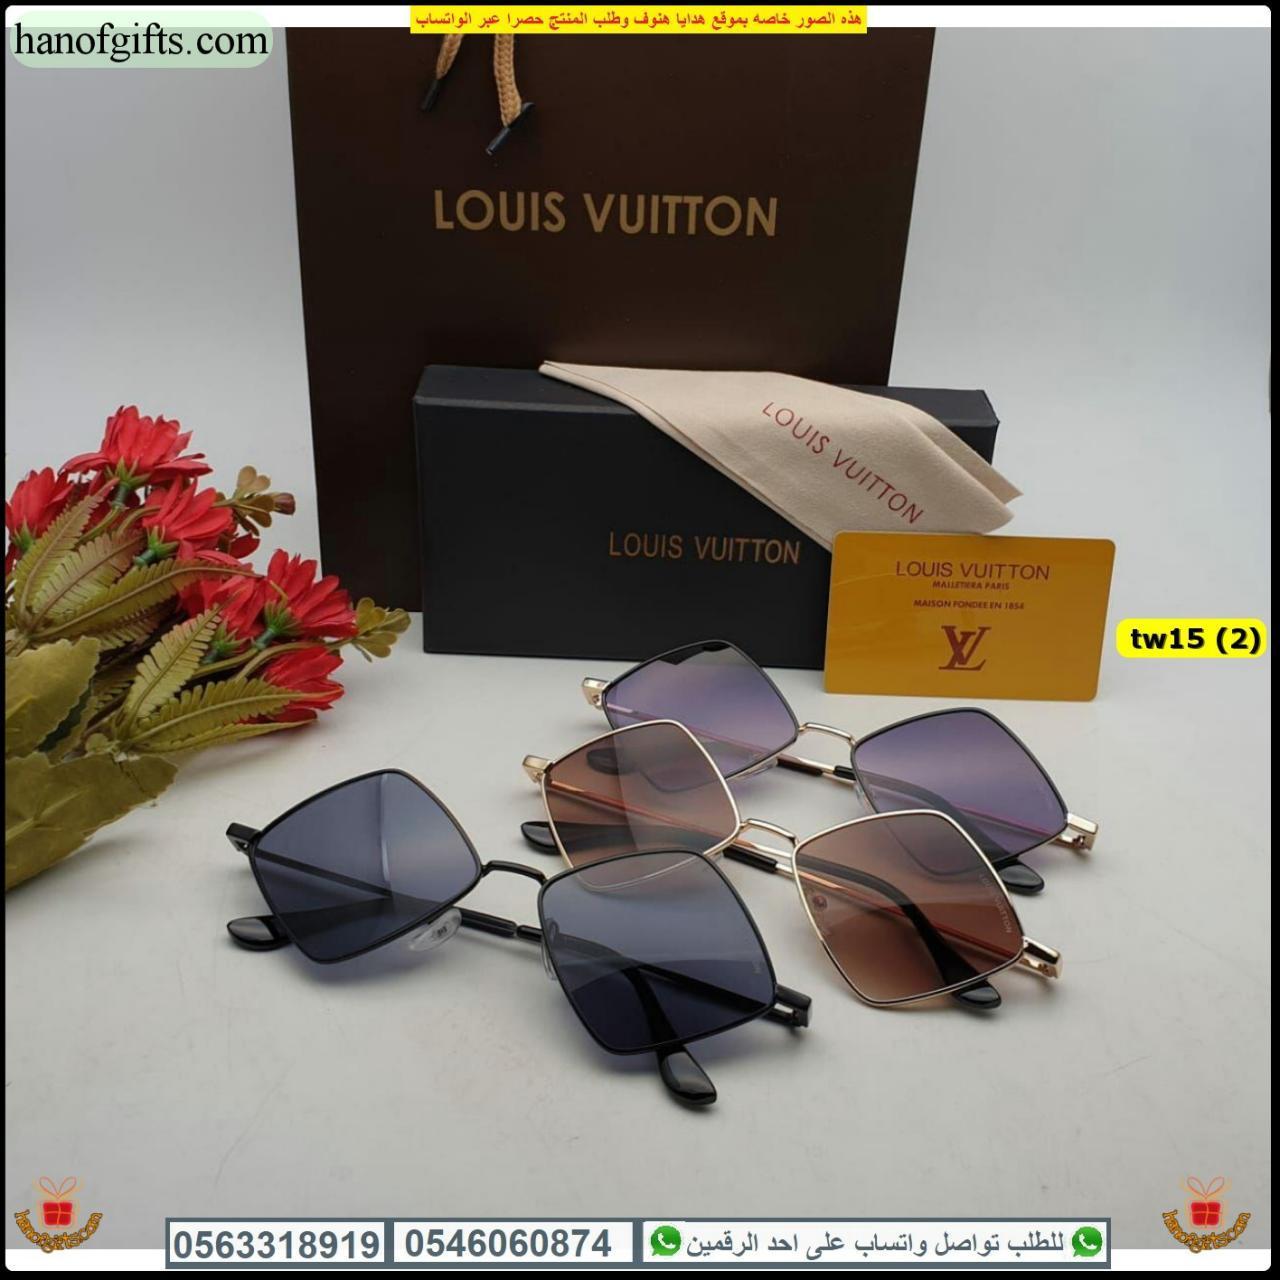 نظارة لويس فيتون للبيع 2020